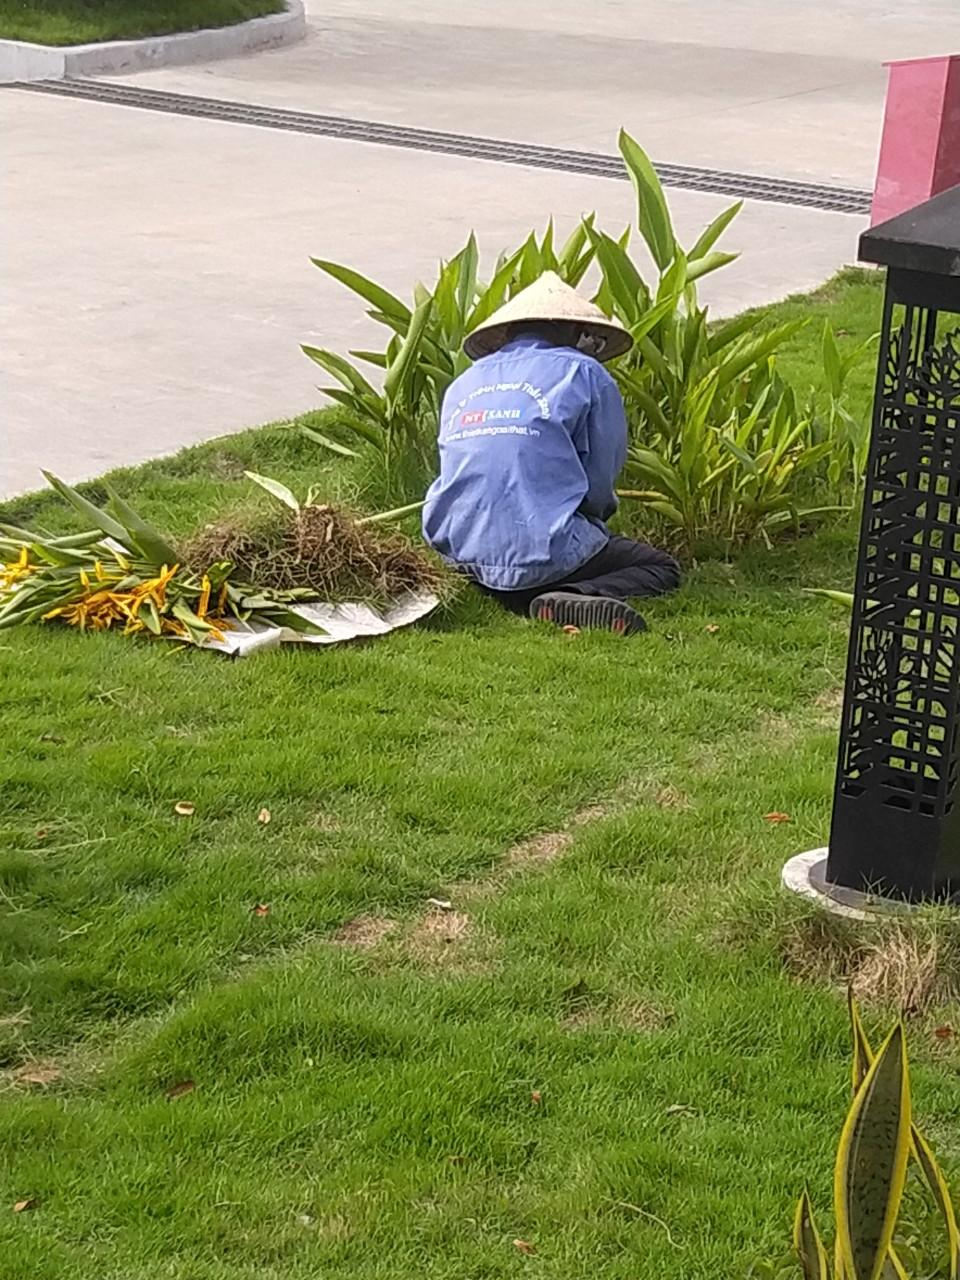 Dịch vụ trồng cỏ, cắt cỏ Bình Dương